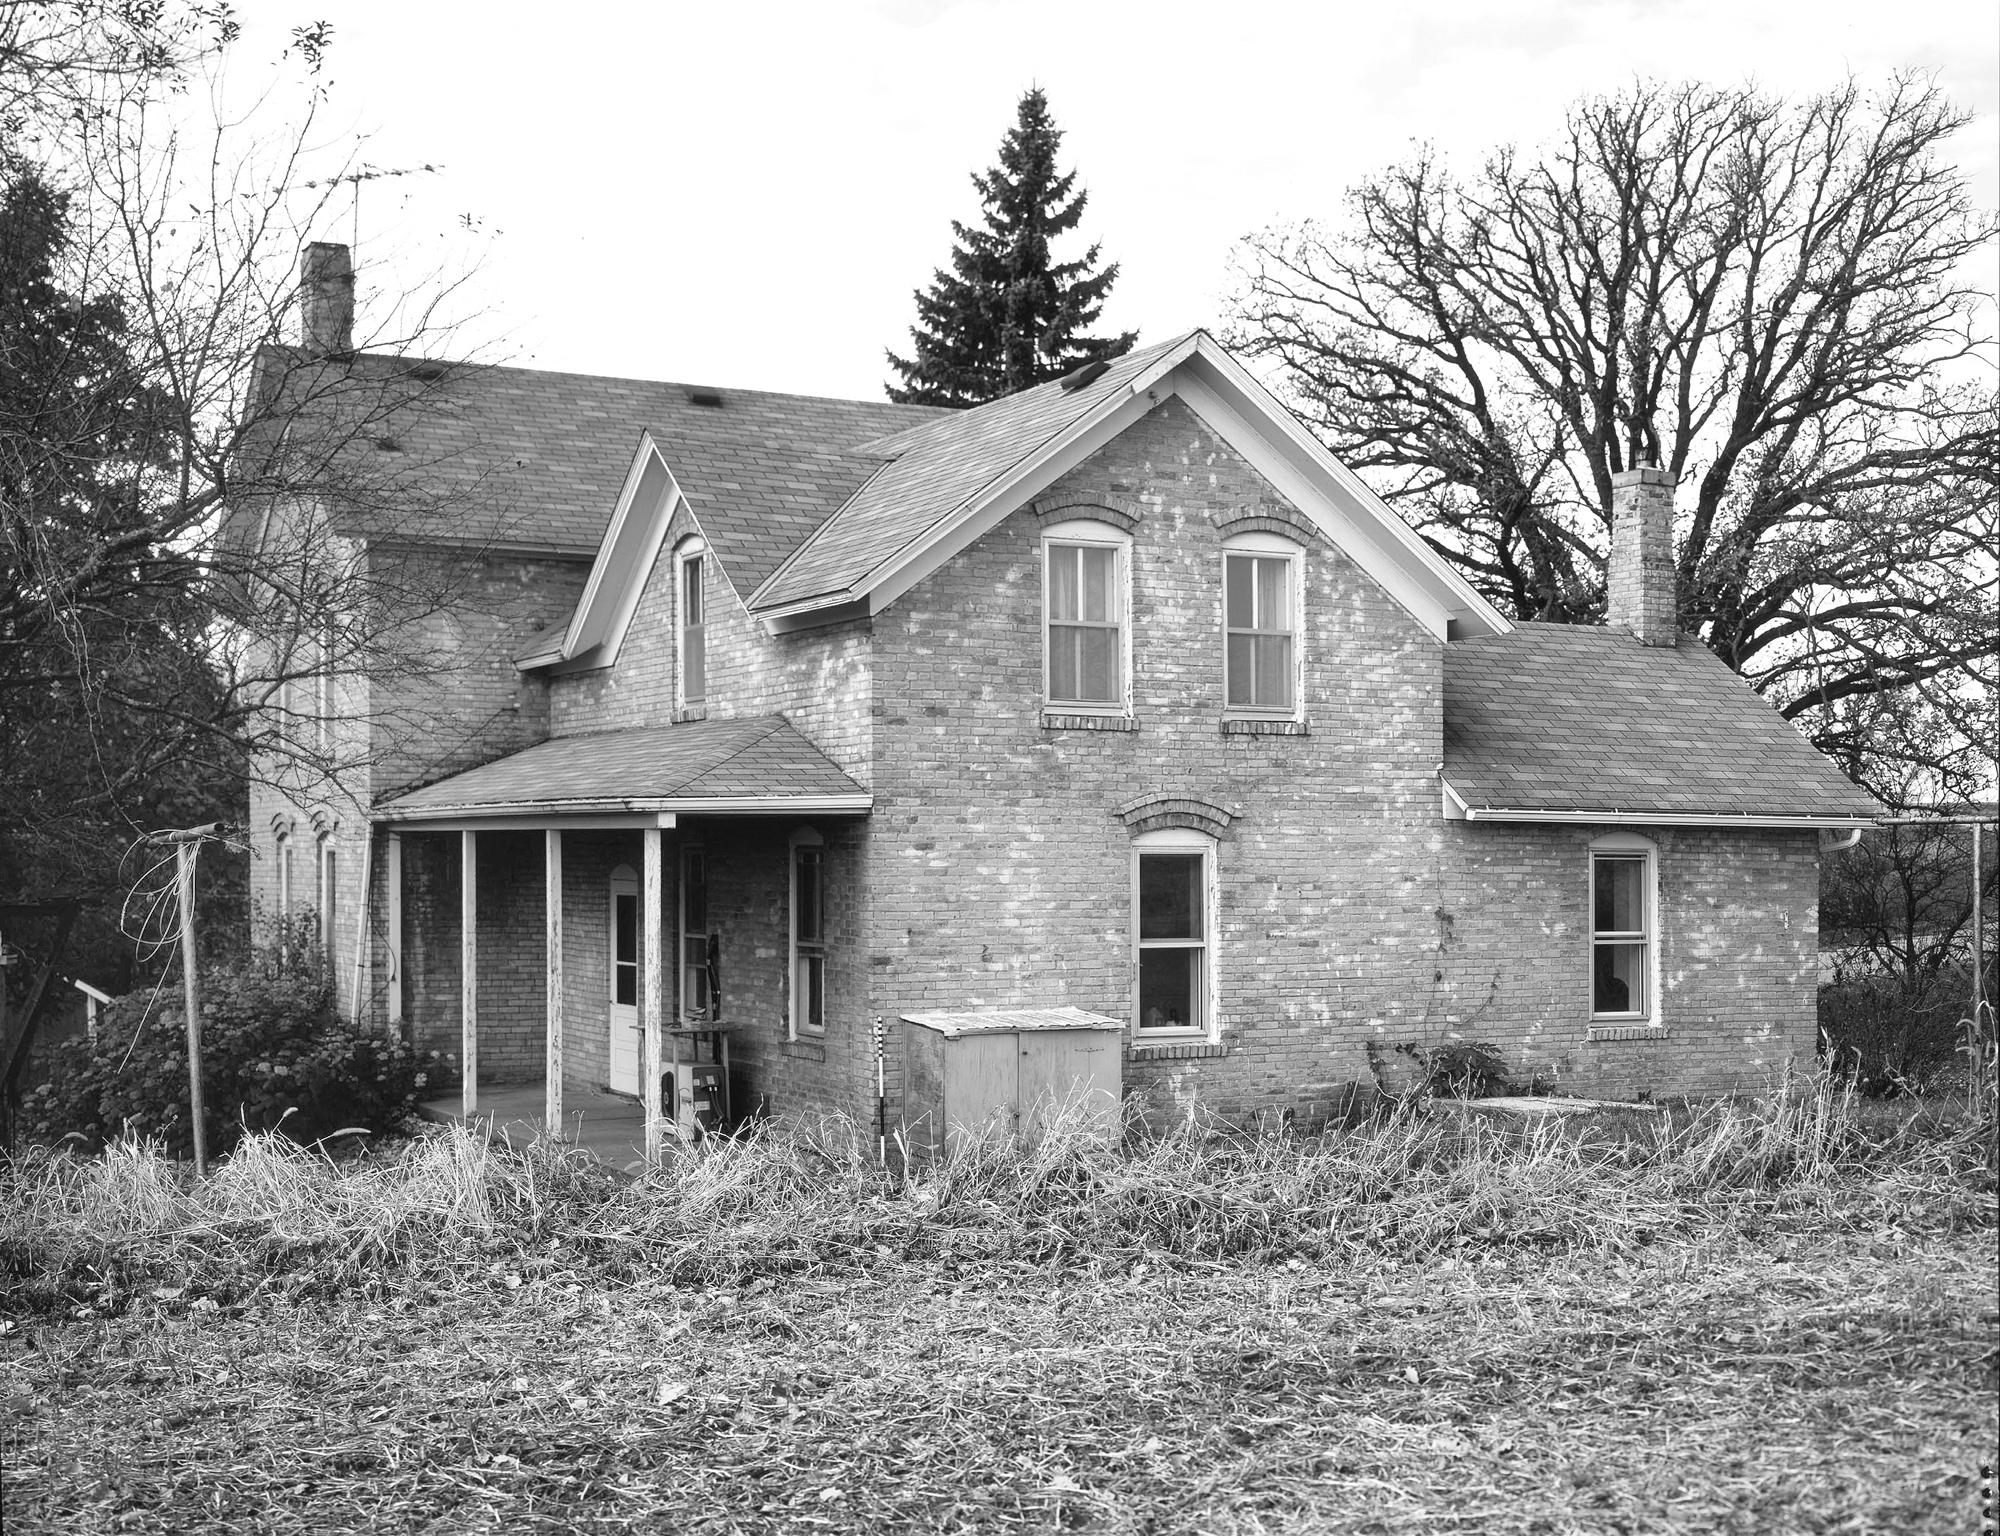 Henry Ortlip House (1880s) Chaska, Minnesota